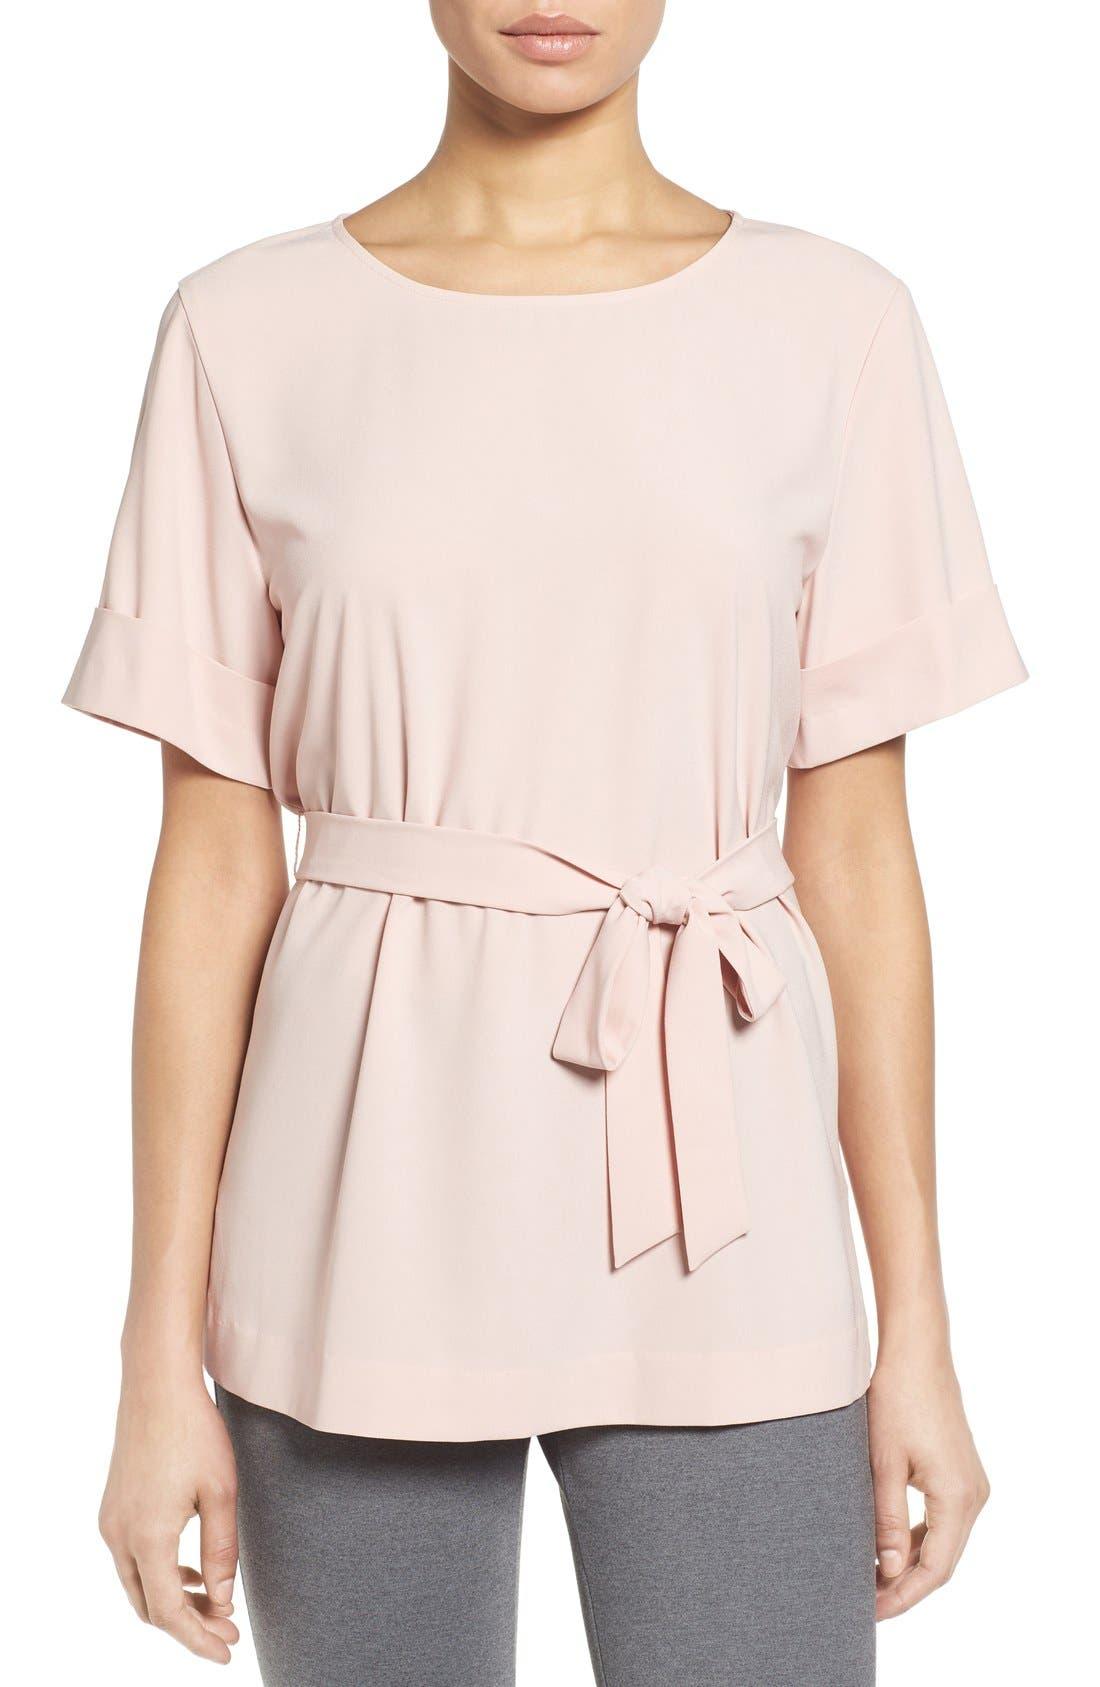 Alternate Image 1 Selected - Halogen® Belted Short Sleeve Top (Regular & Petite)